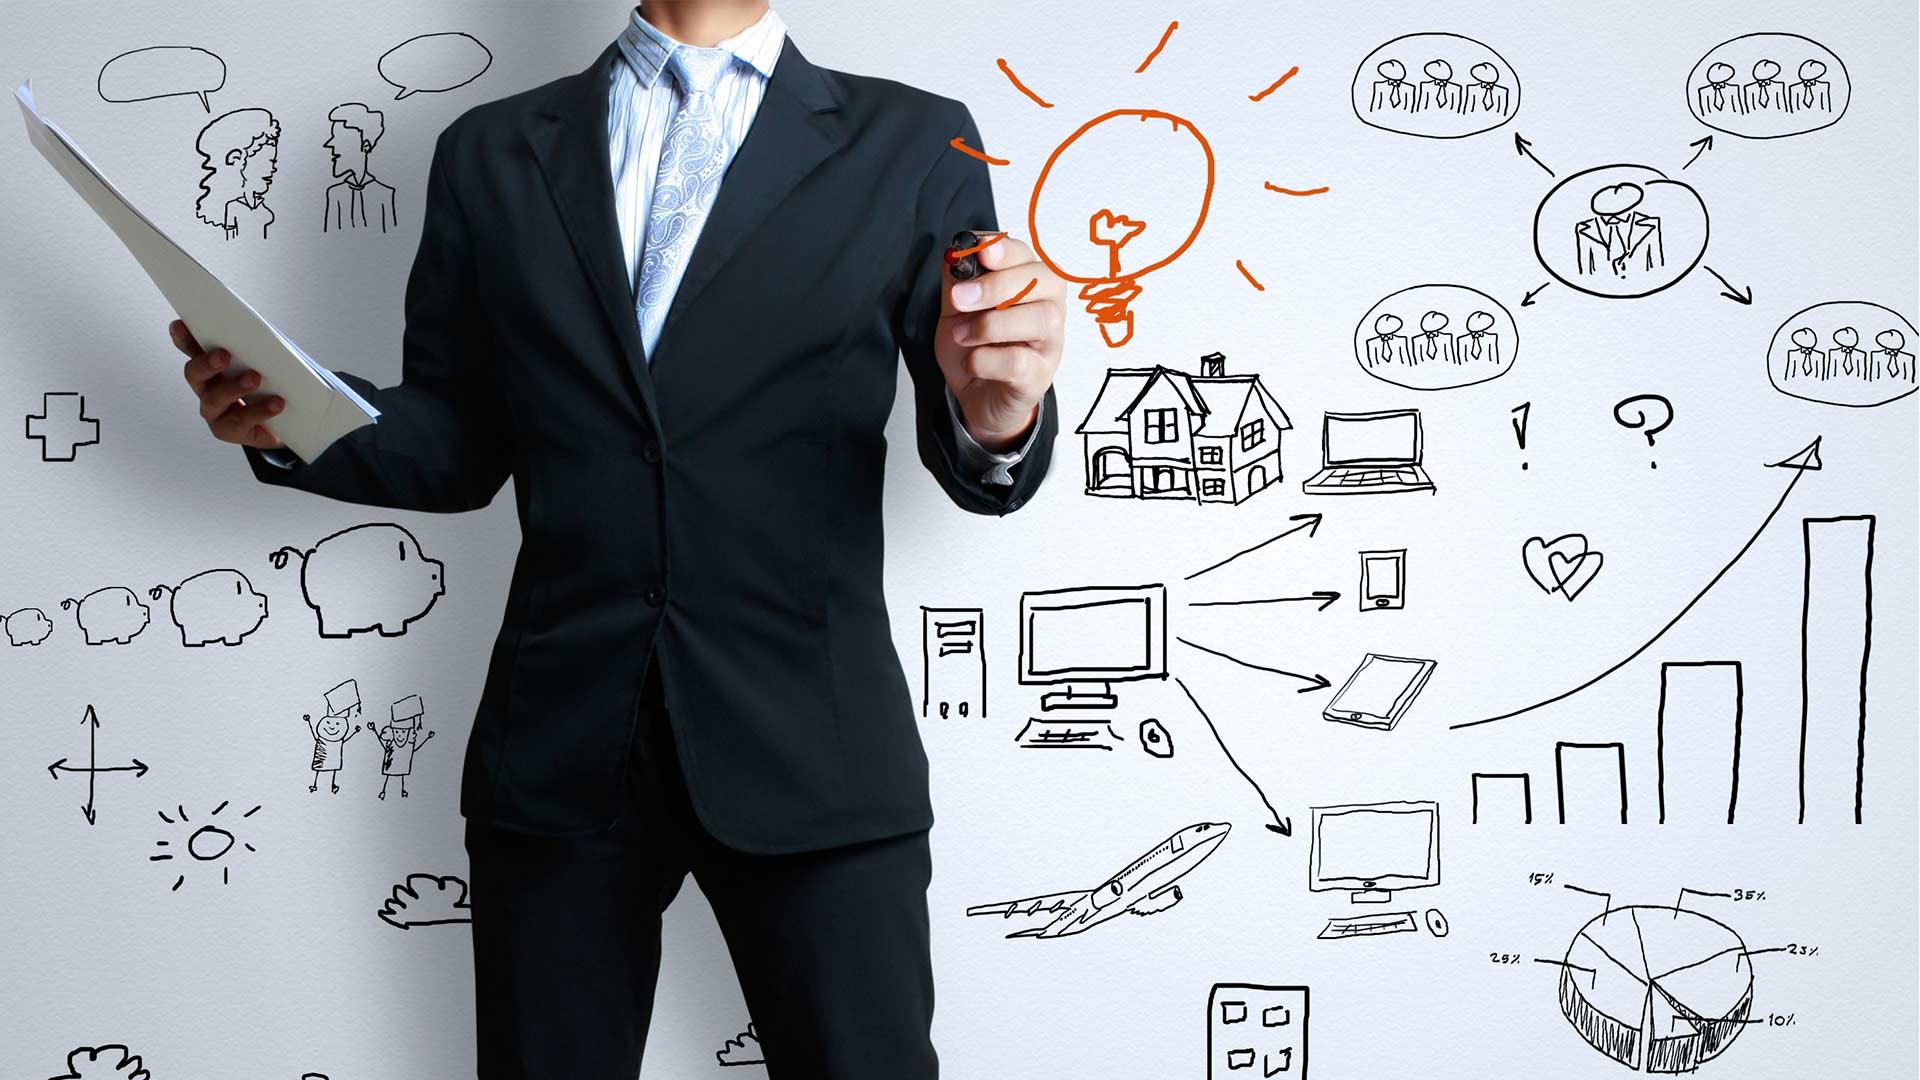 Вебинар: Непрерывное развитие для сотрудников умственных специальностей